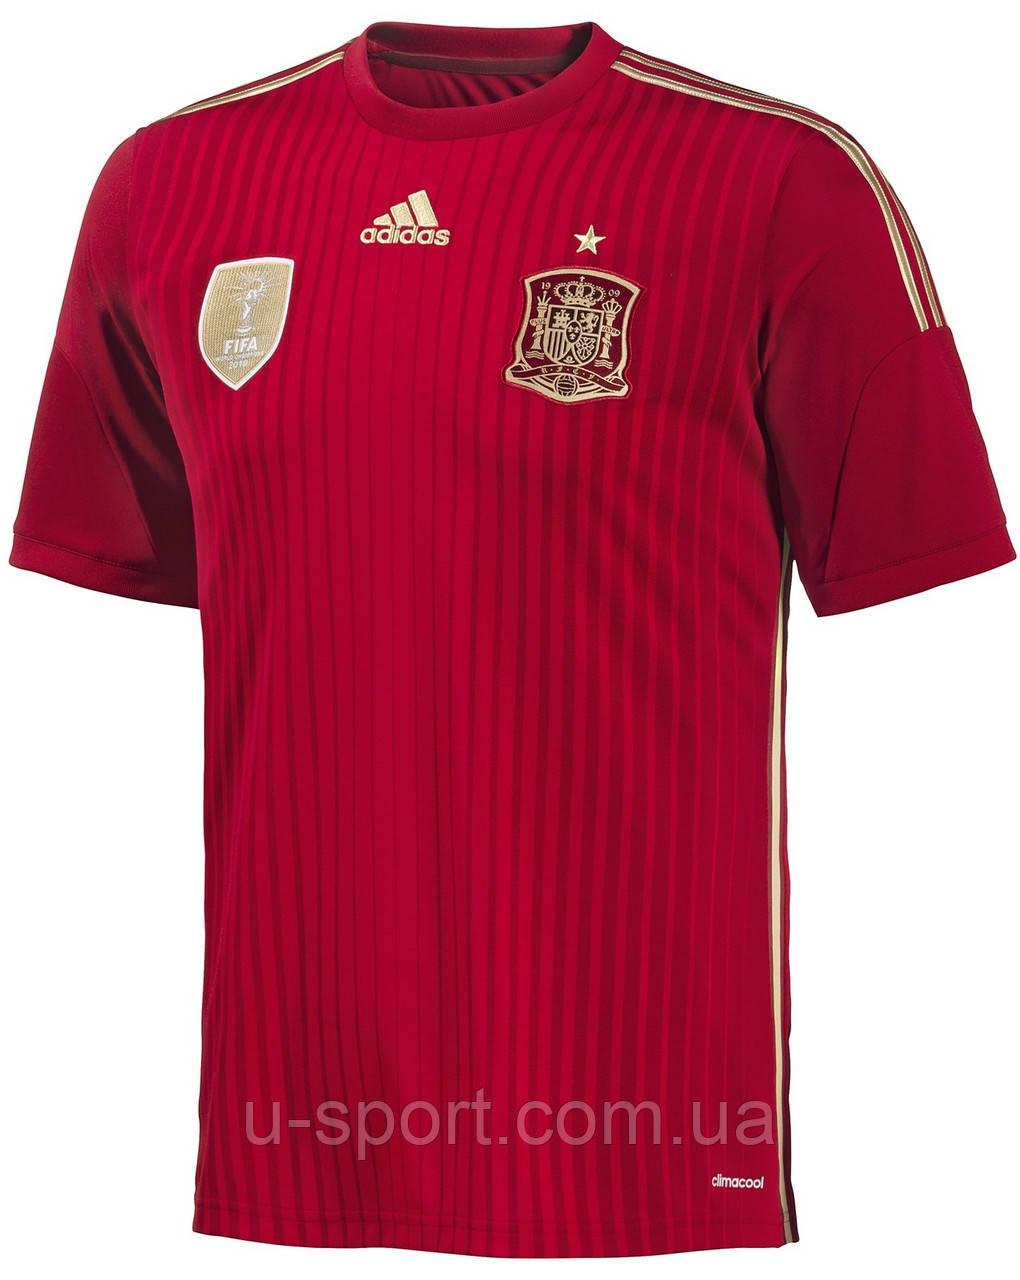 Футболки Adidas сборной Испании по футболу - Интернет-магазин мячей  U-sport.com af702ee7d96